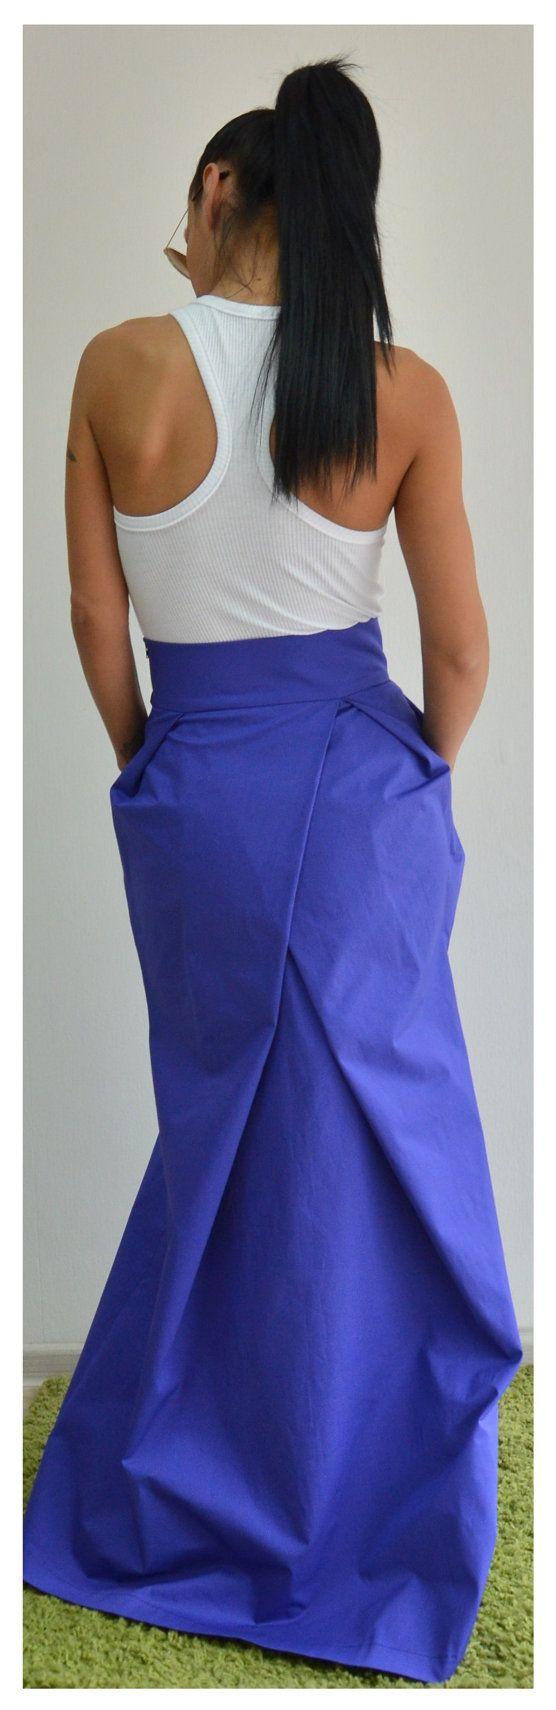 Long skirt / Woman high waist blue skirt / от ClothesByLockerRoom